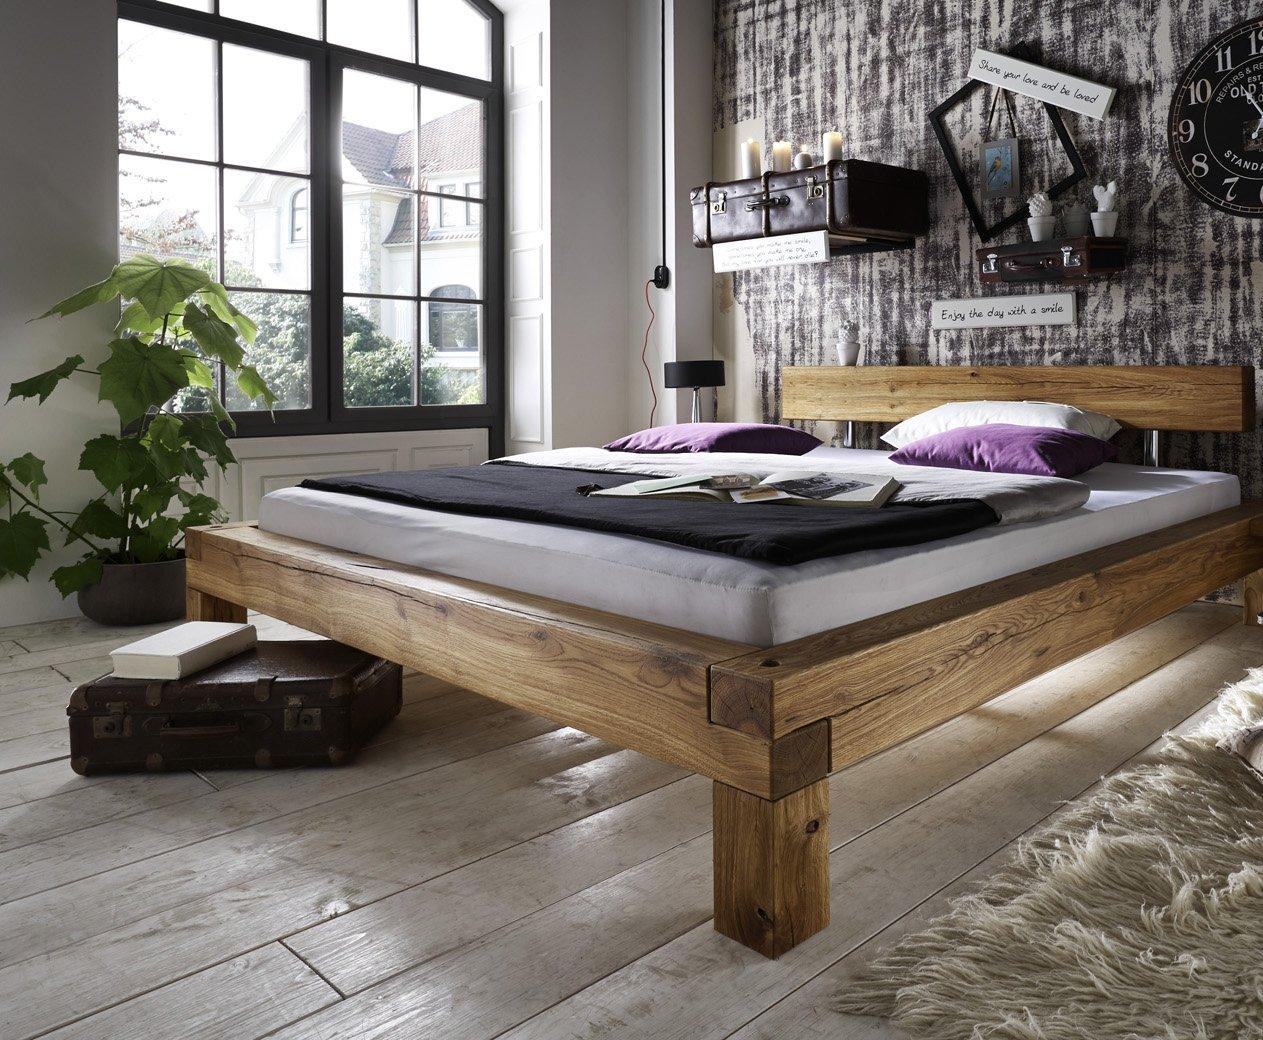 SAM® Balkenbett Ludo 140 x 200 cm massiv Wildeiche ohne Nachtkommode natürliches Design robust Lieferung per Spedition online kaufen